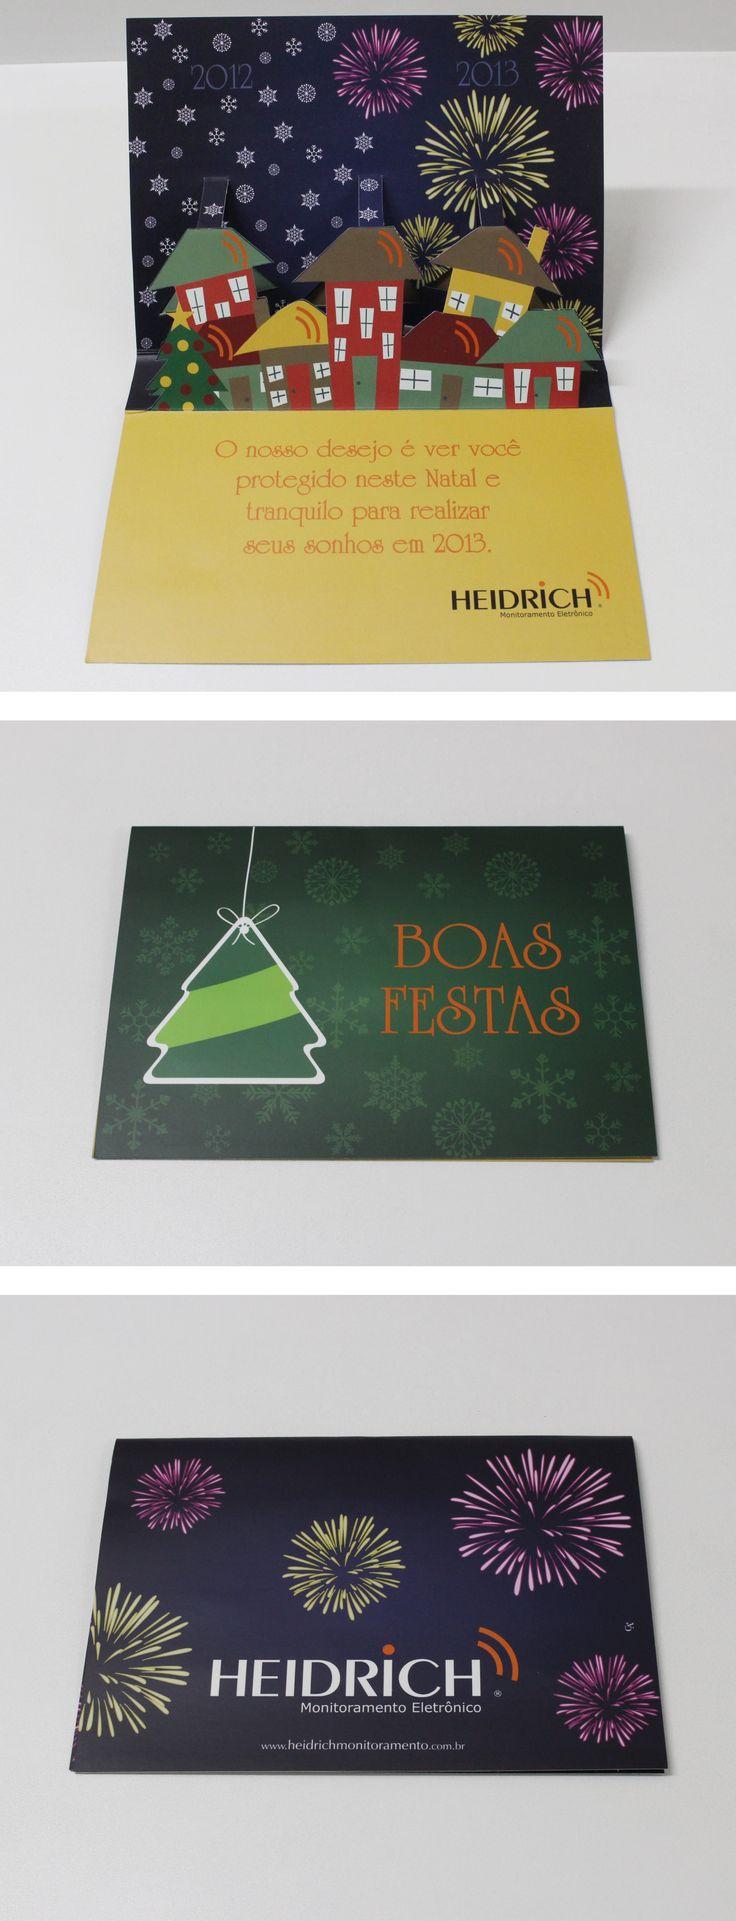 Cartão de boas festas criado pela Agência Conceito para o cliente Heidrich.